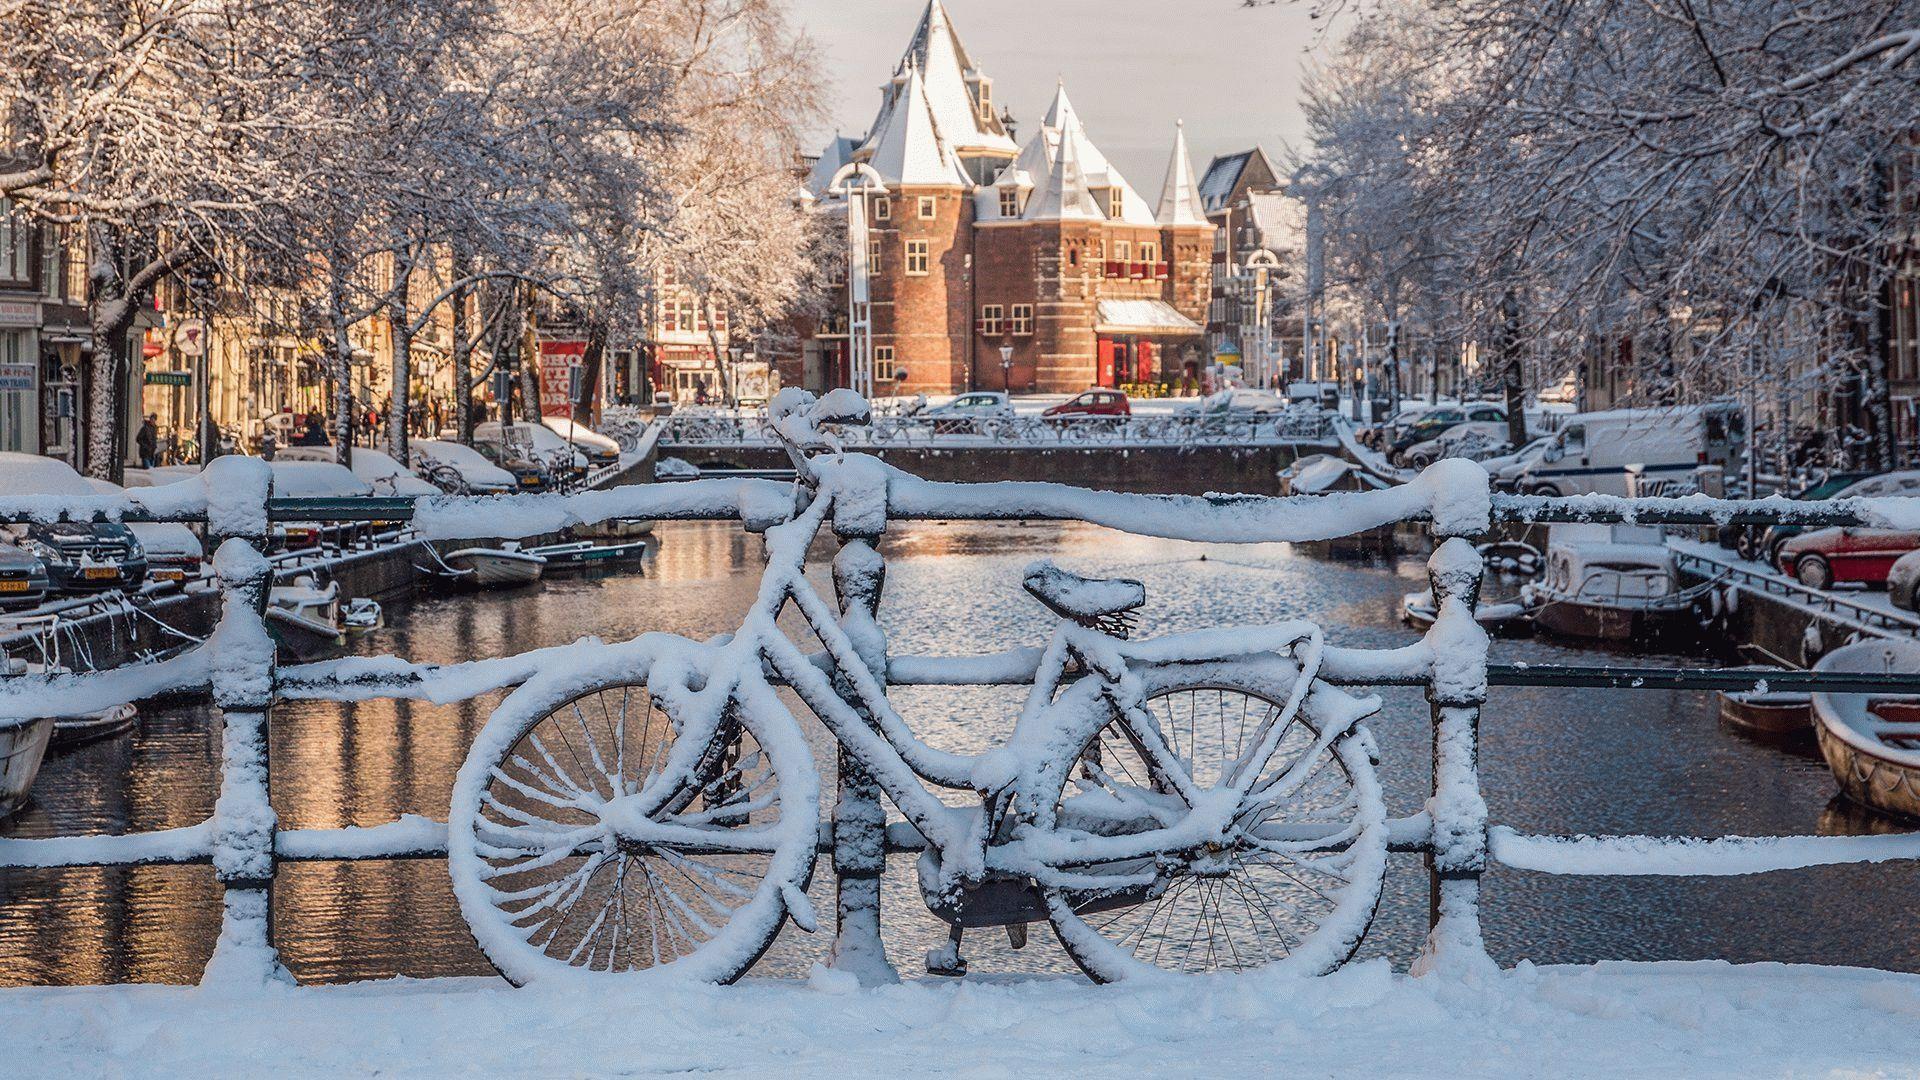 игоревич, вас фото калининграда зимой для рабочего стола известные весьма полезные